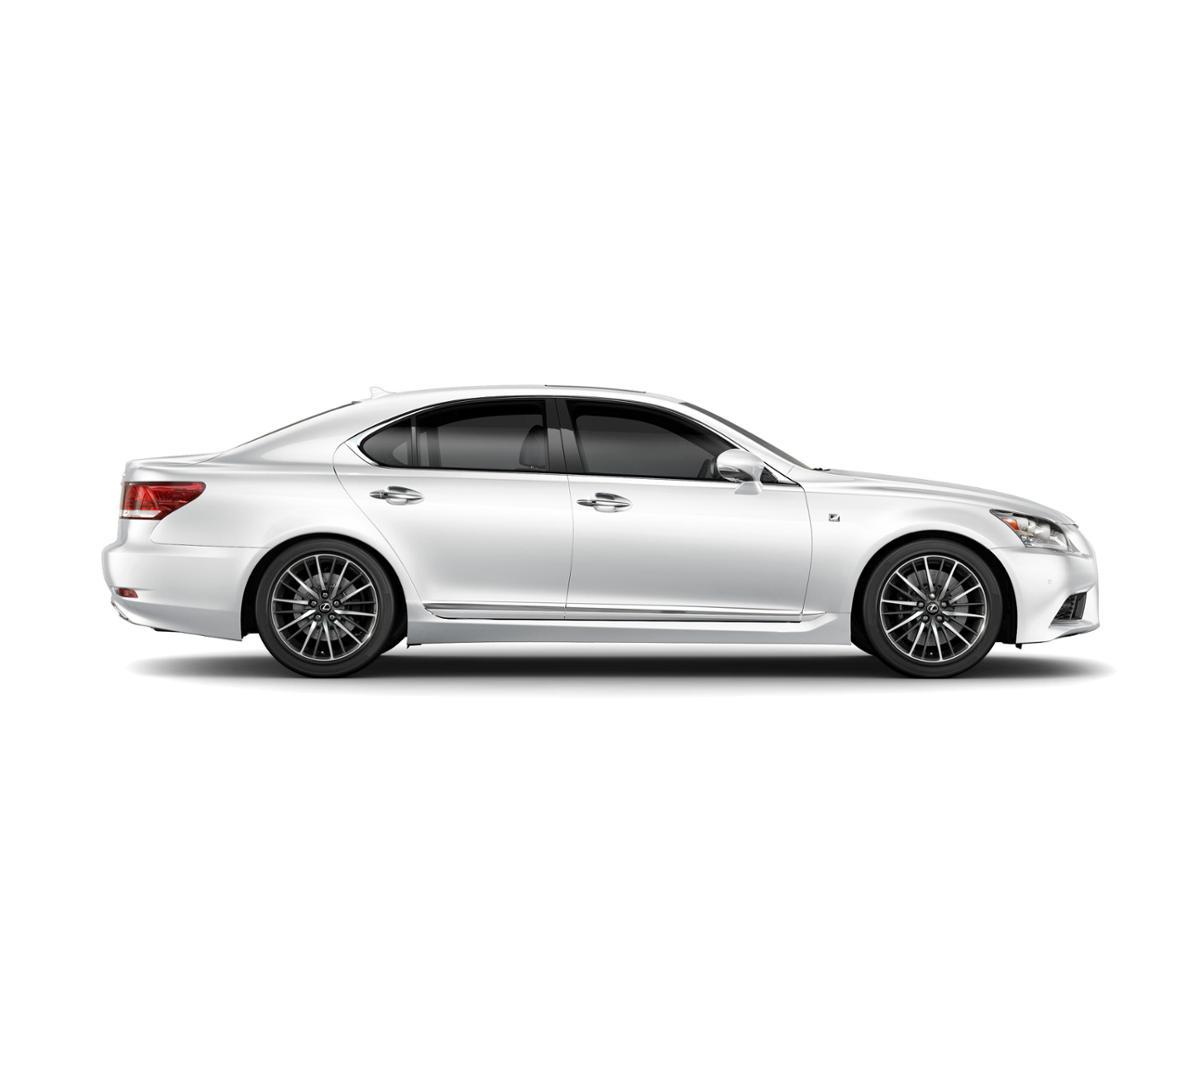 2017 Lexus LS 460 For Sale In San Antonio